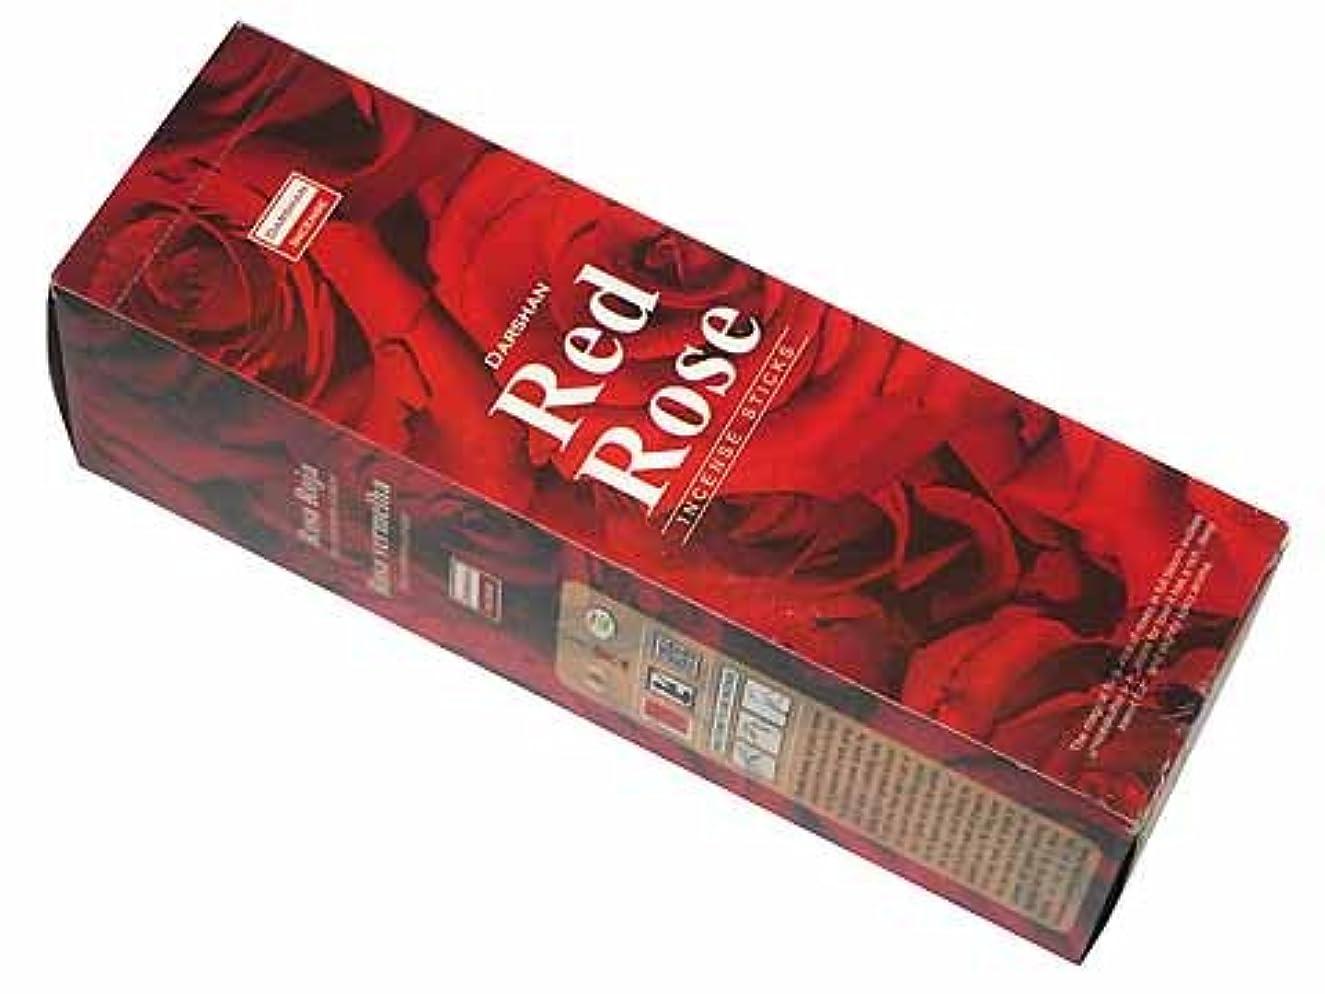 配管工構造的迷彩DARSHAN(ダルシャン) レッドローズ香 スクエアパック スティック RED ROSE 25箱セット